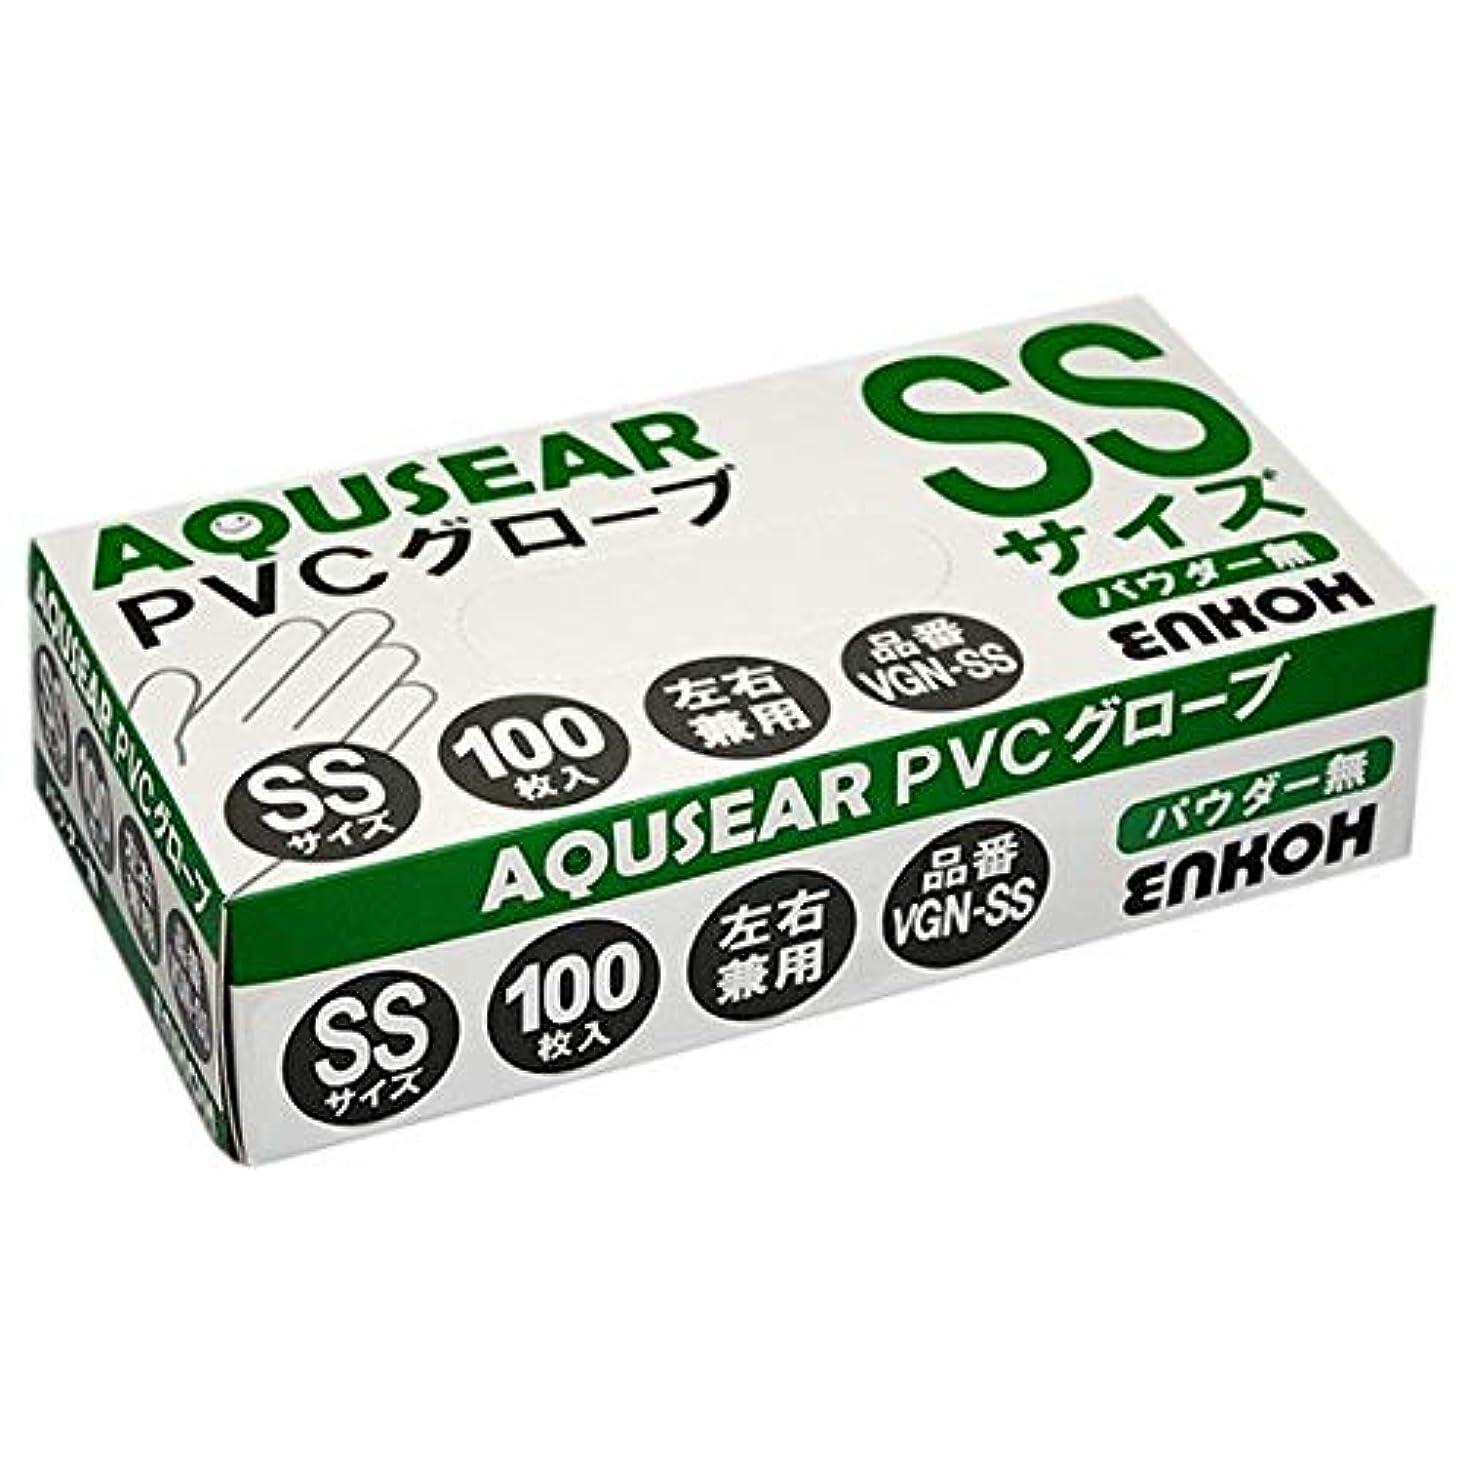 注意ヘビーマイルAQUSEAR PVC プラスチックグローブ SSサイズ パウダー無 VGN-SS 100枚×20箱